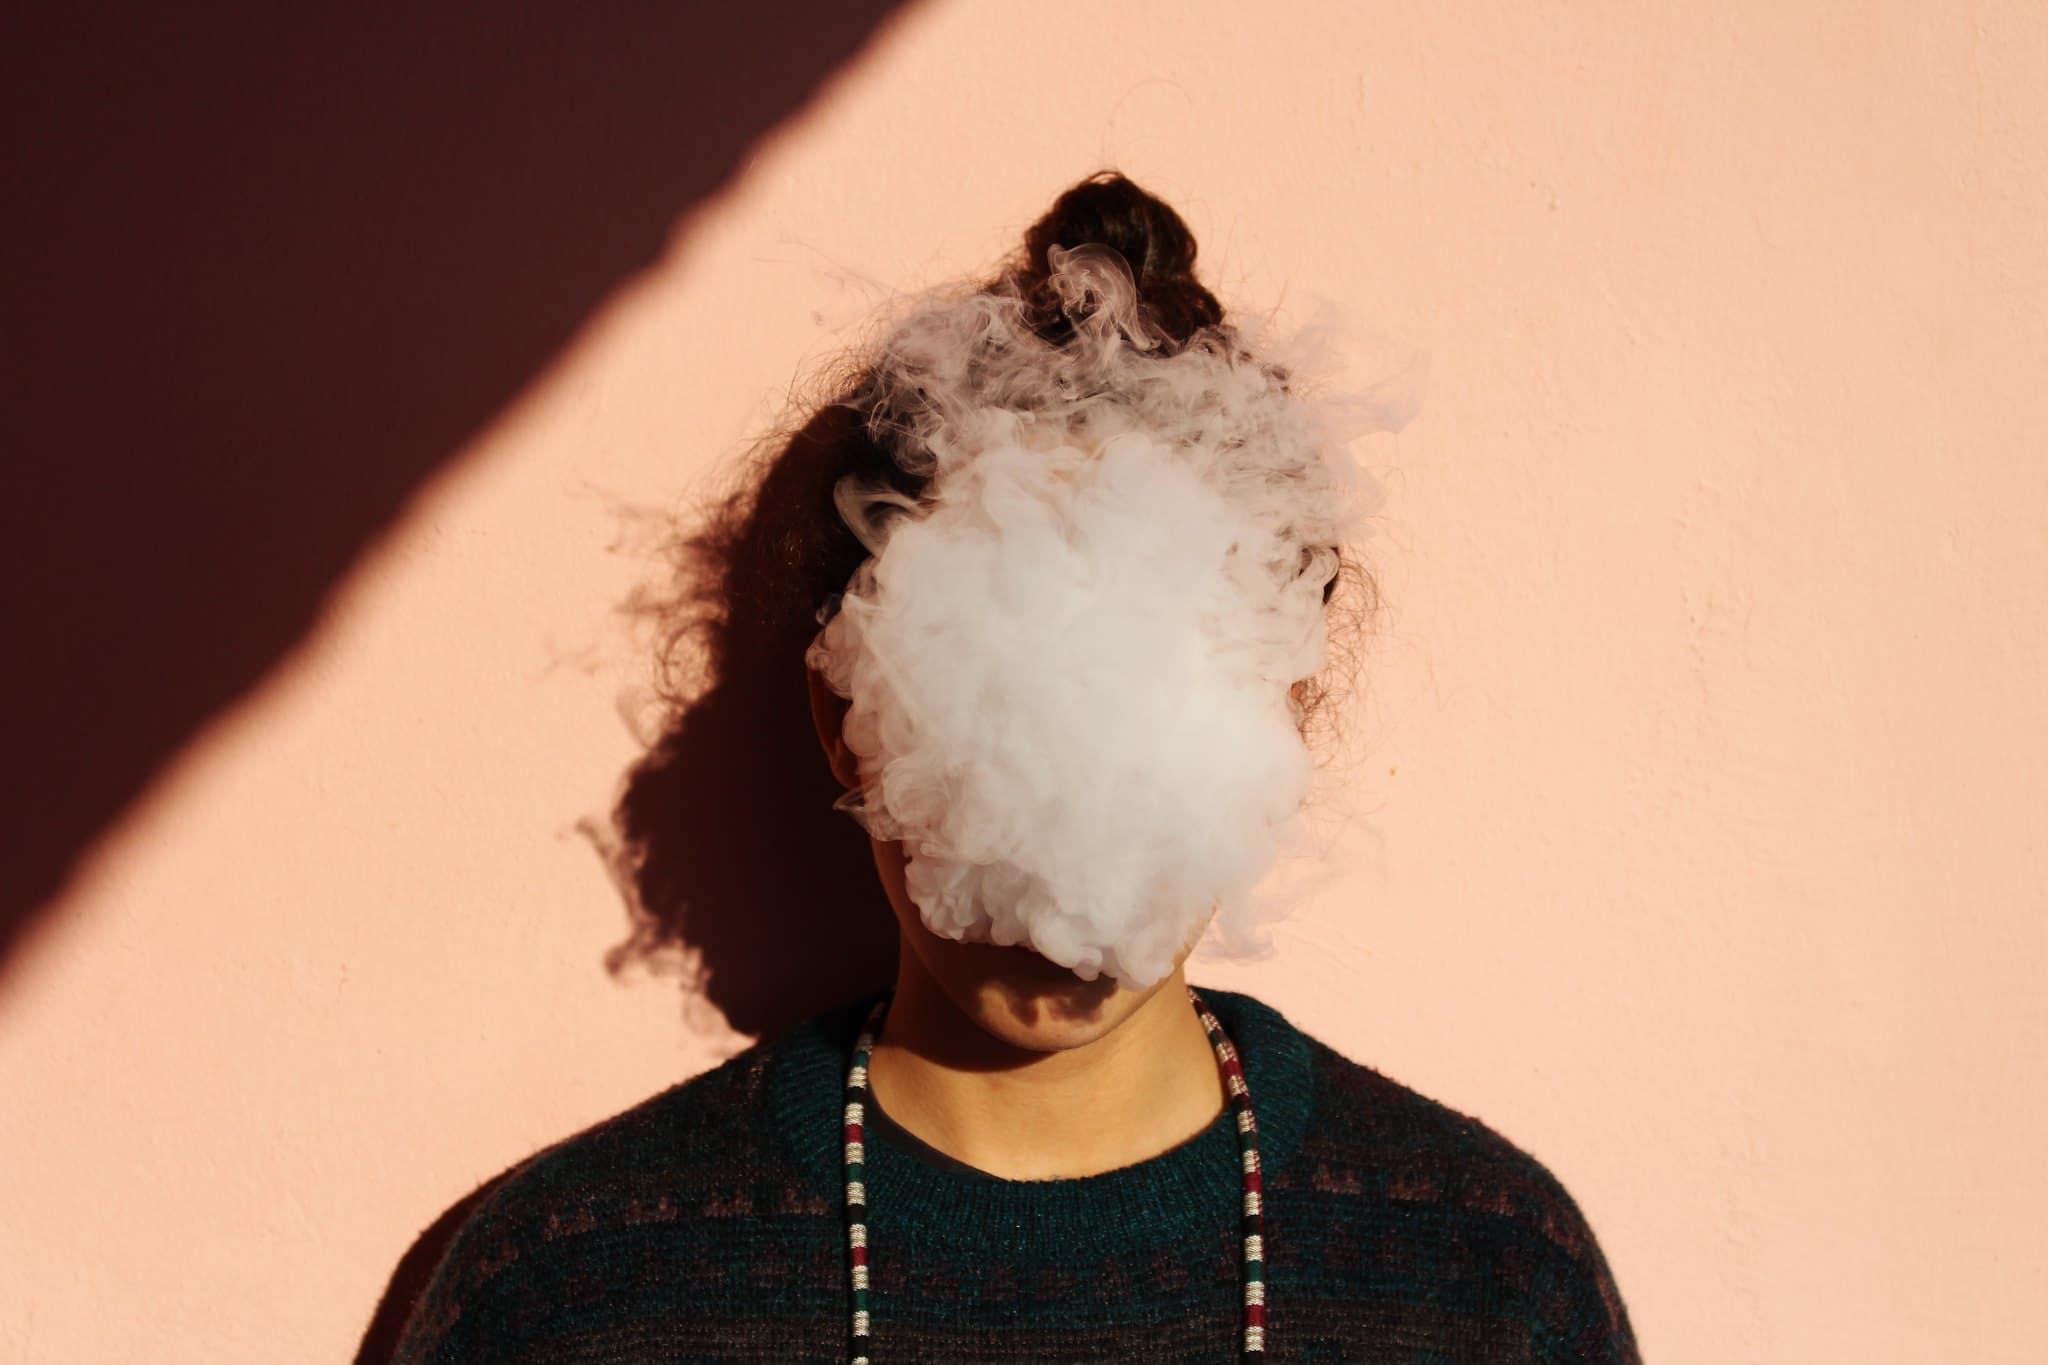 Rauchwolke im Gesicht eines jungen Mannes